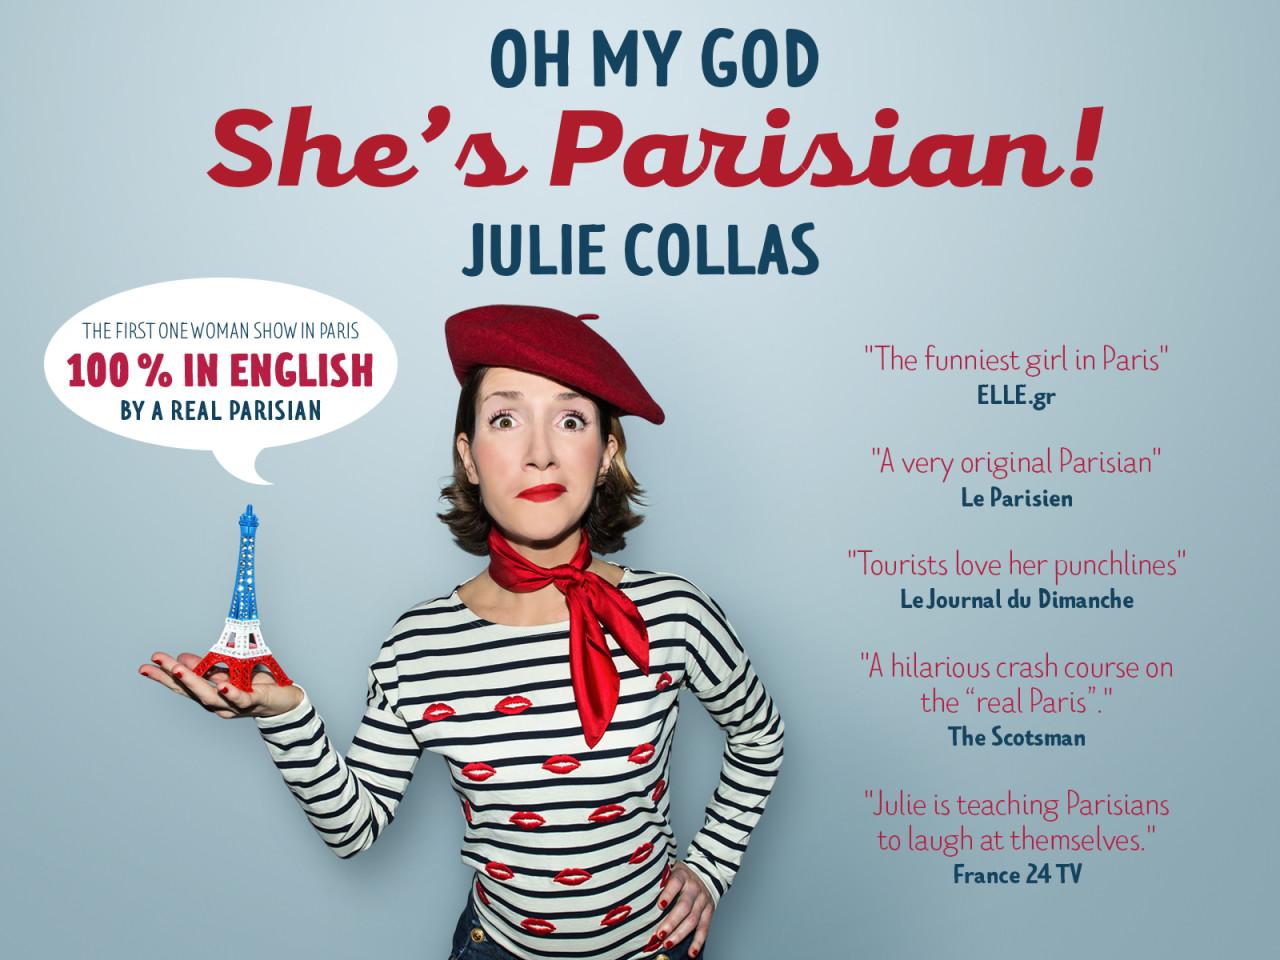 """Spettacolo comico di J. Collas """"Oh my God She's Parisian""""- Parigi.it"""